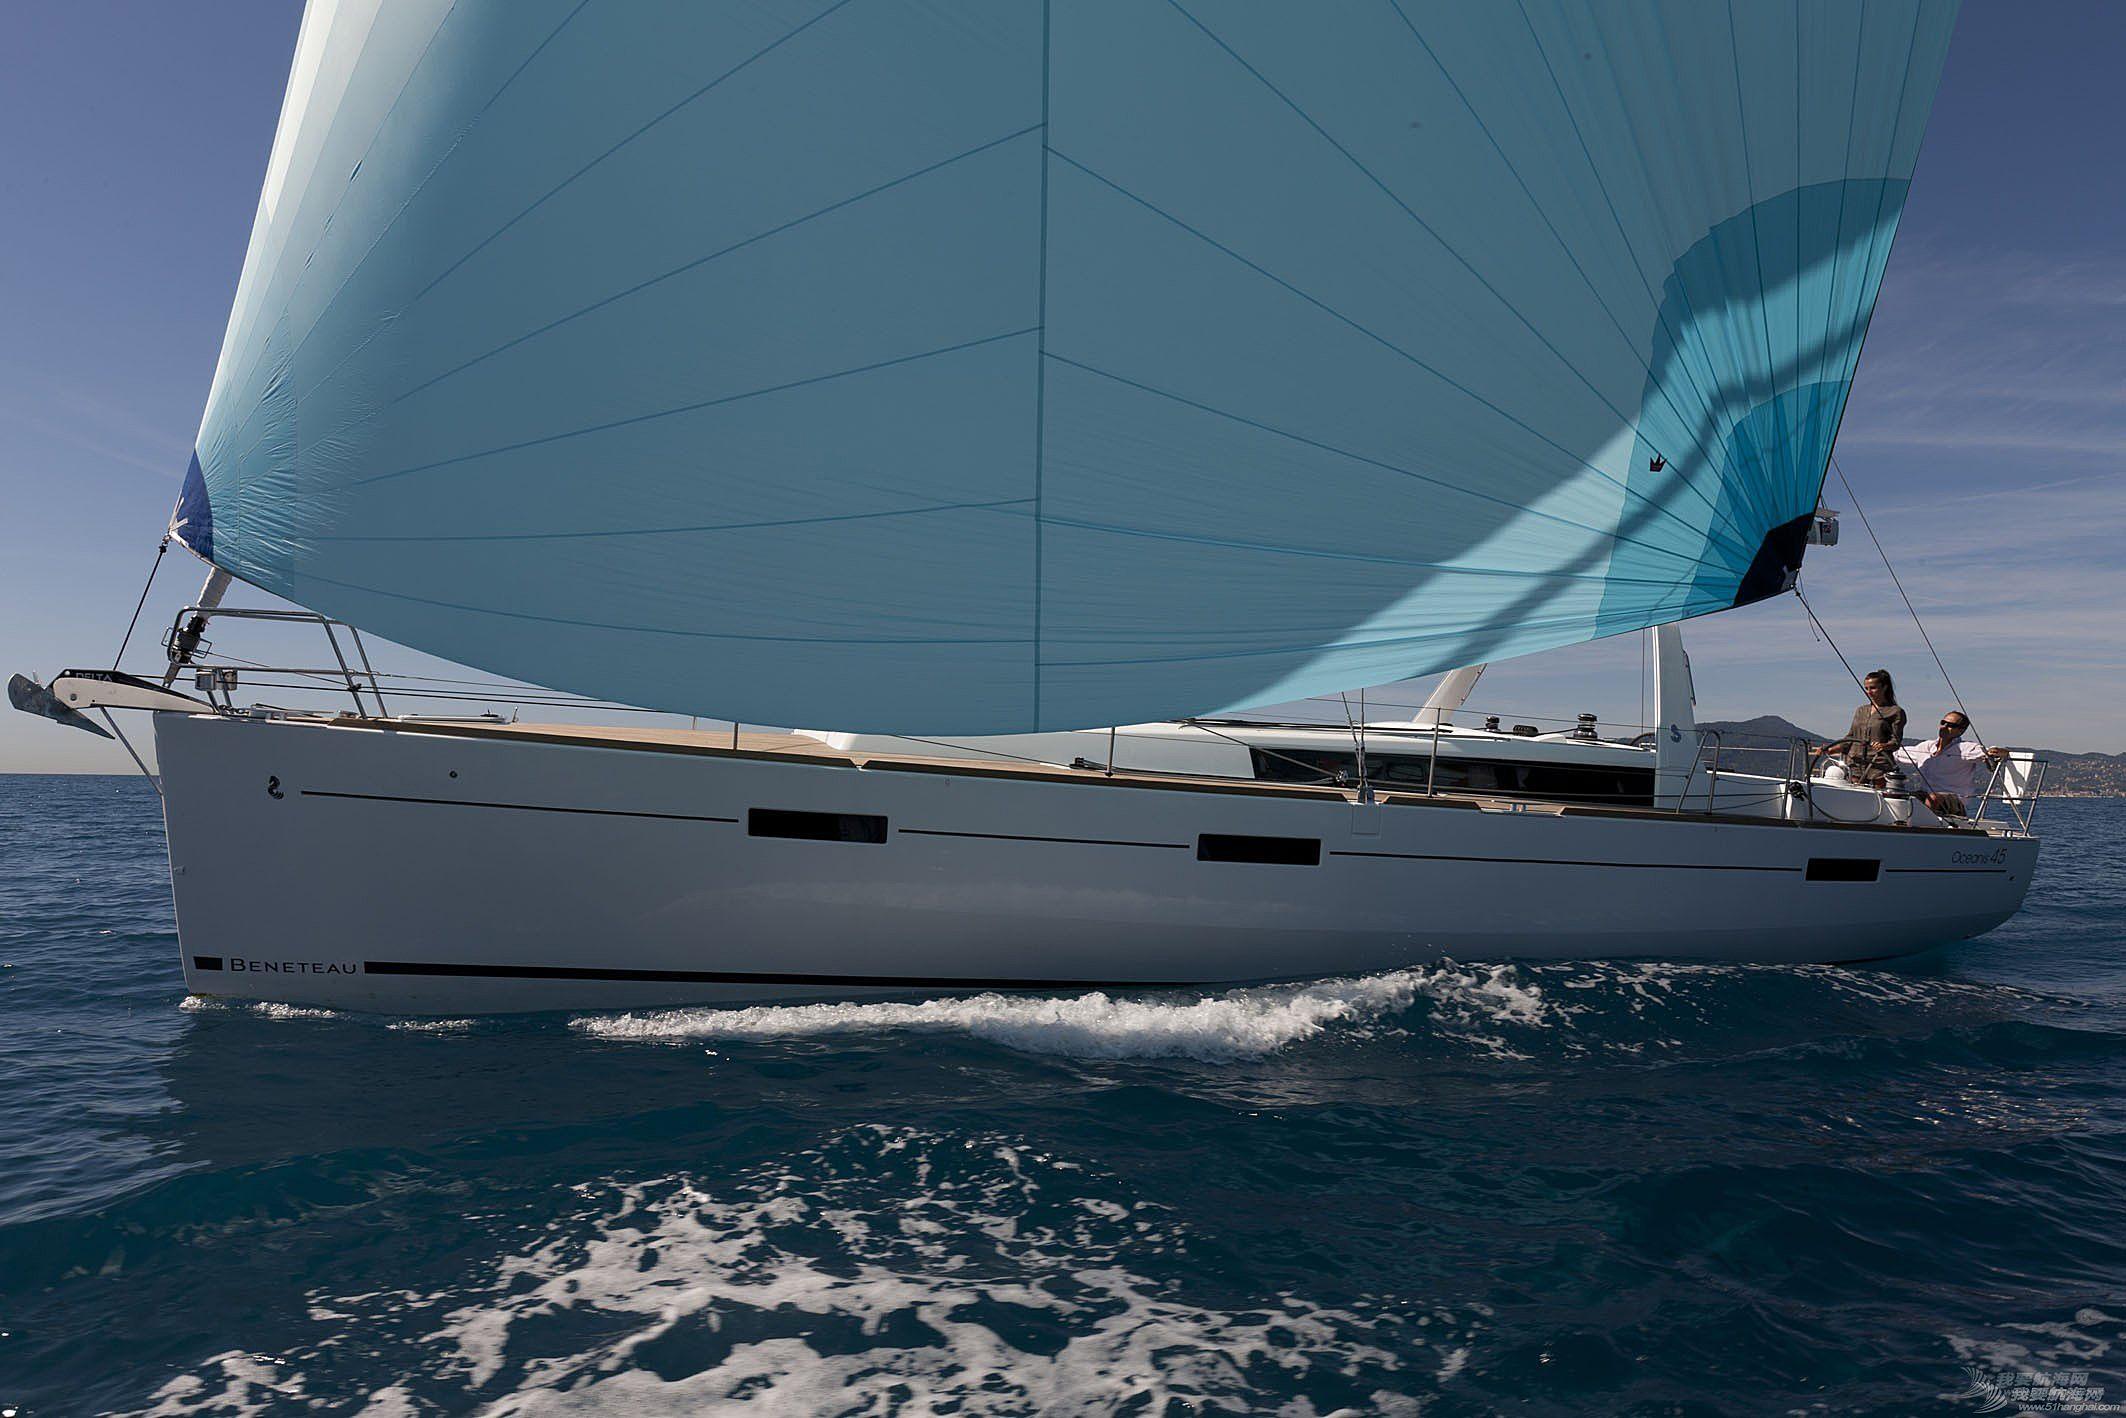 发动机,帆船,品种 Beneteau Oceanis 45博纳多遨享仕45英尺单体帆船